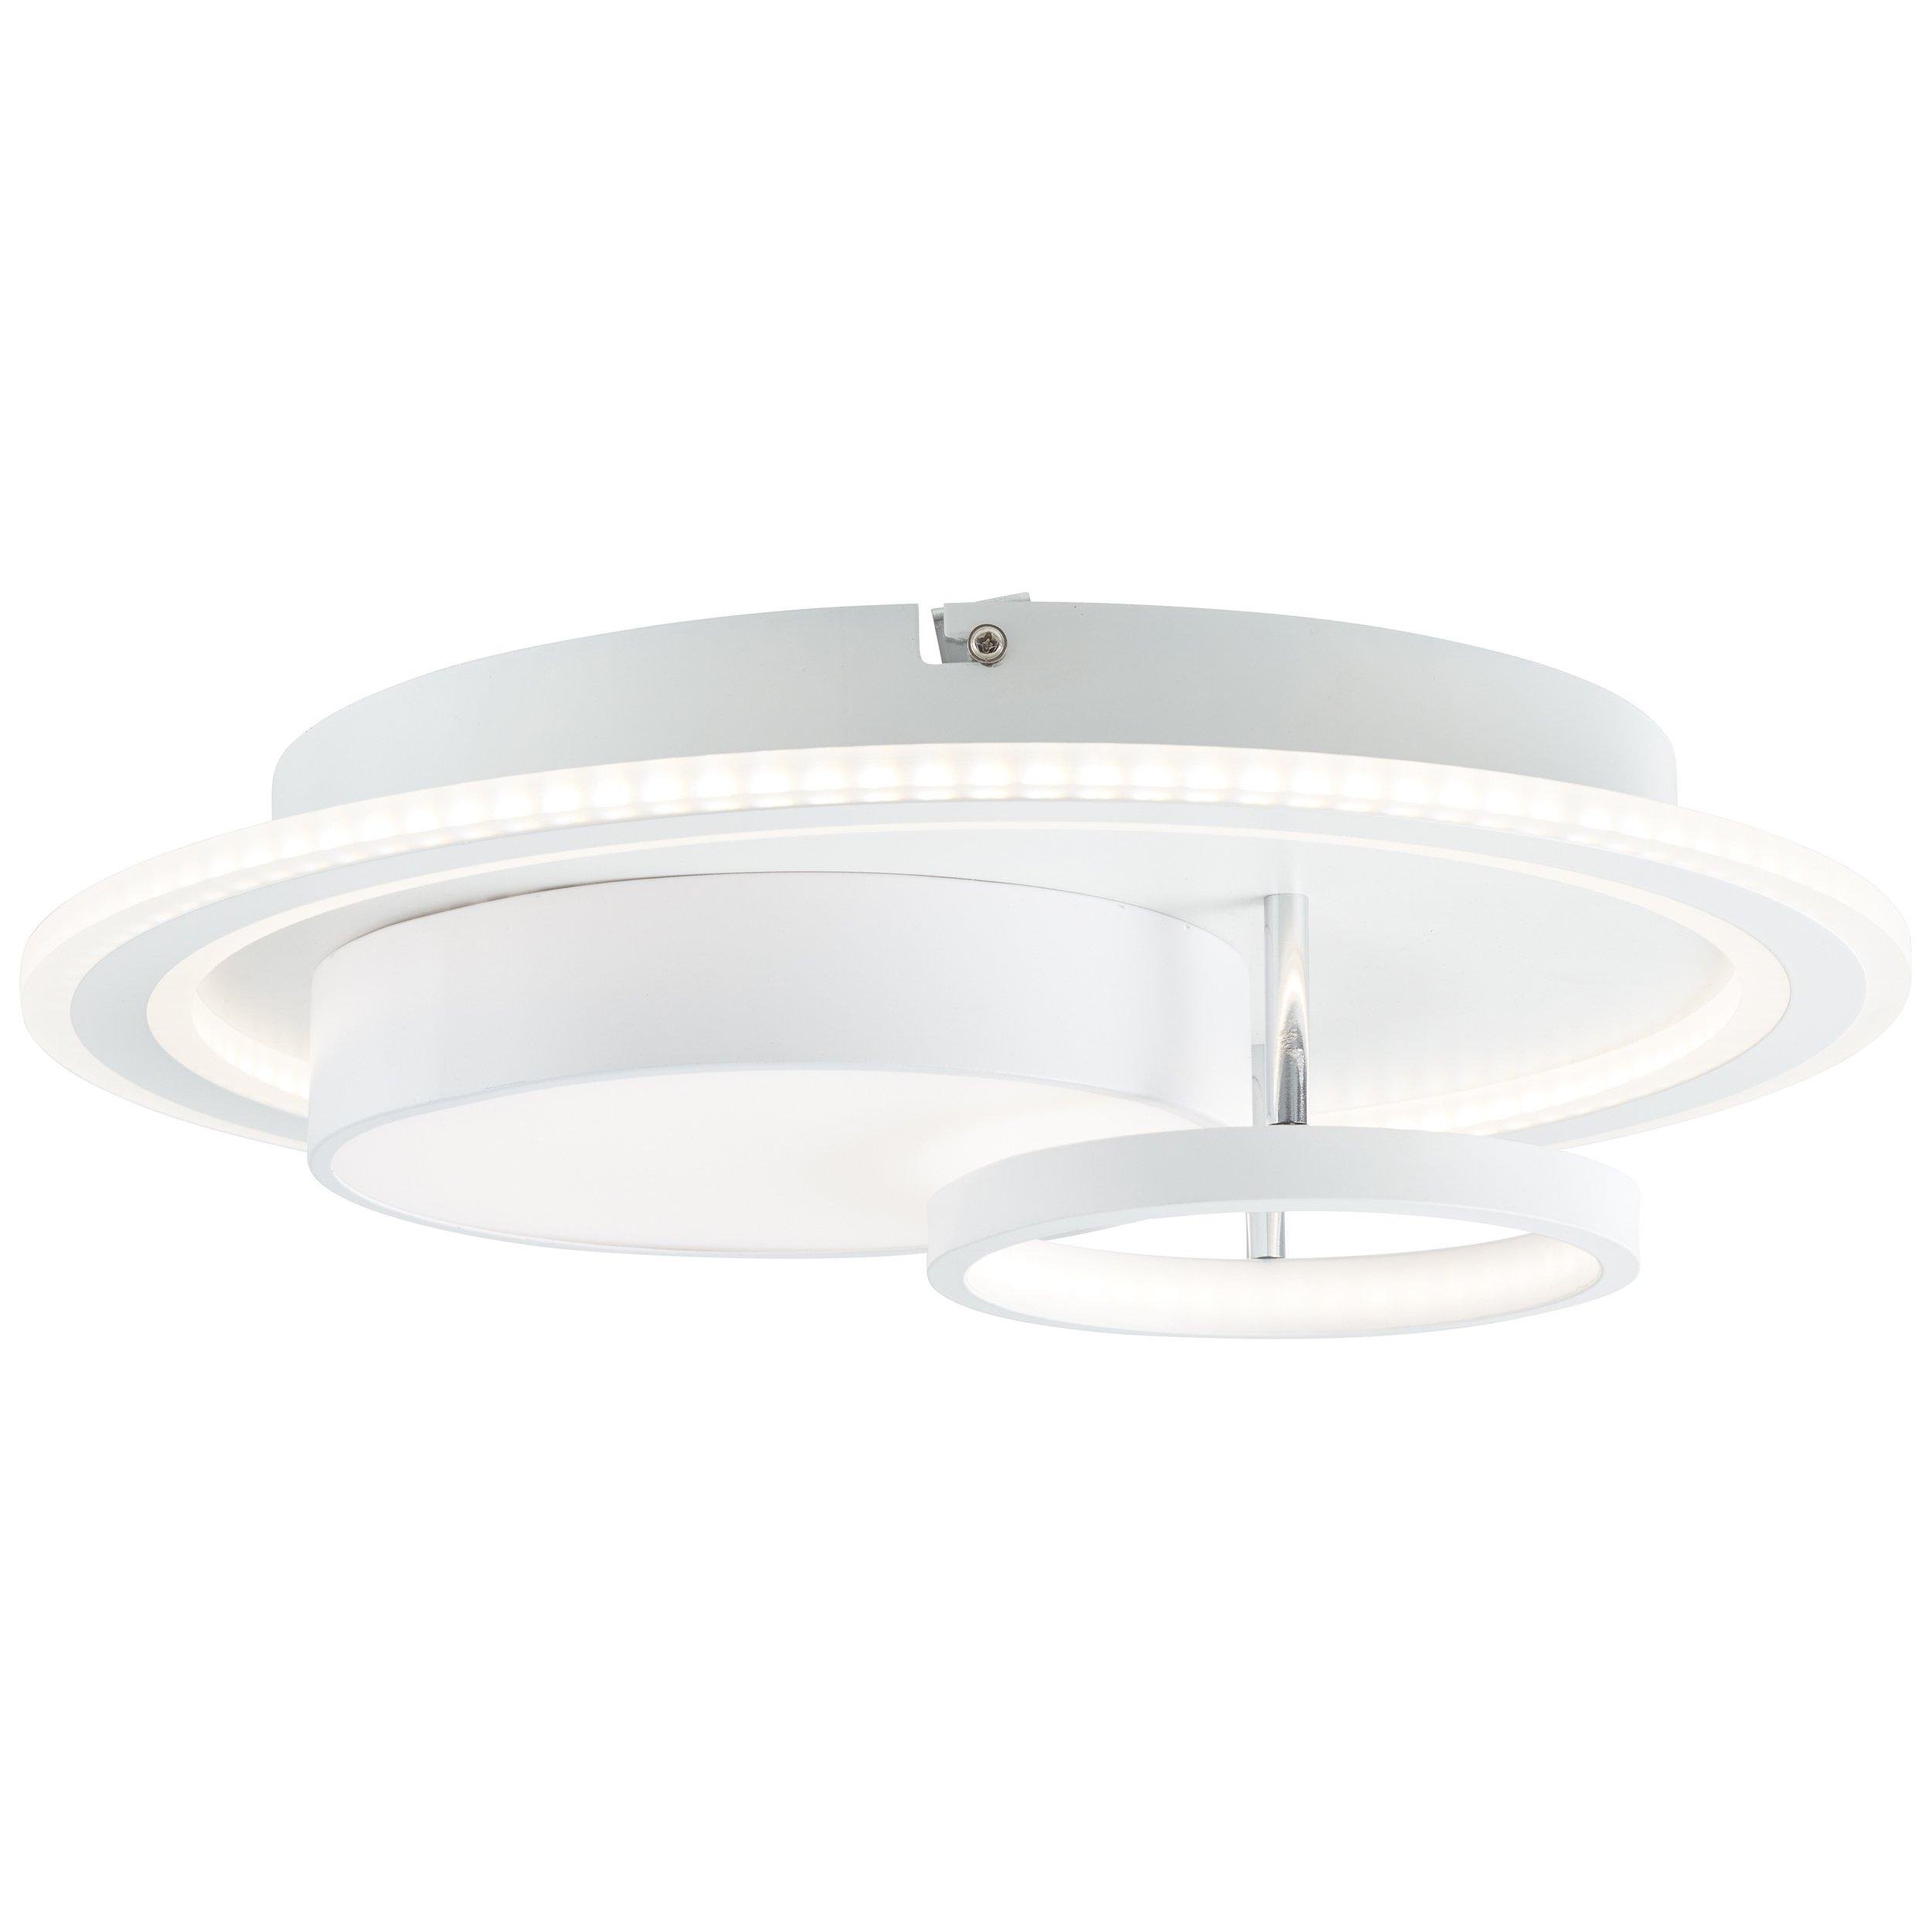 Wand-& Deckenleuchten LED SIGUNE weiß/schwarz dimmbar